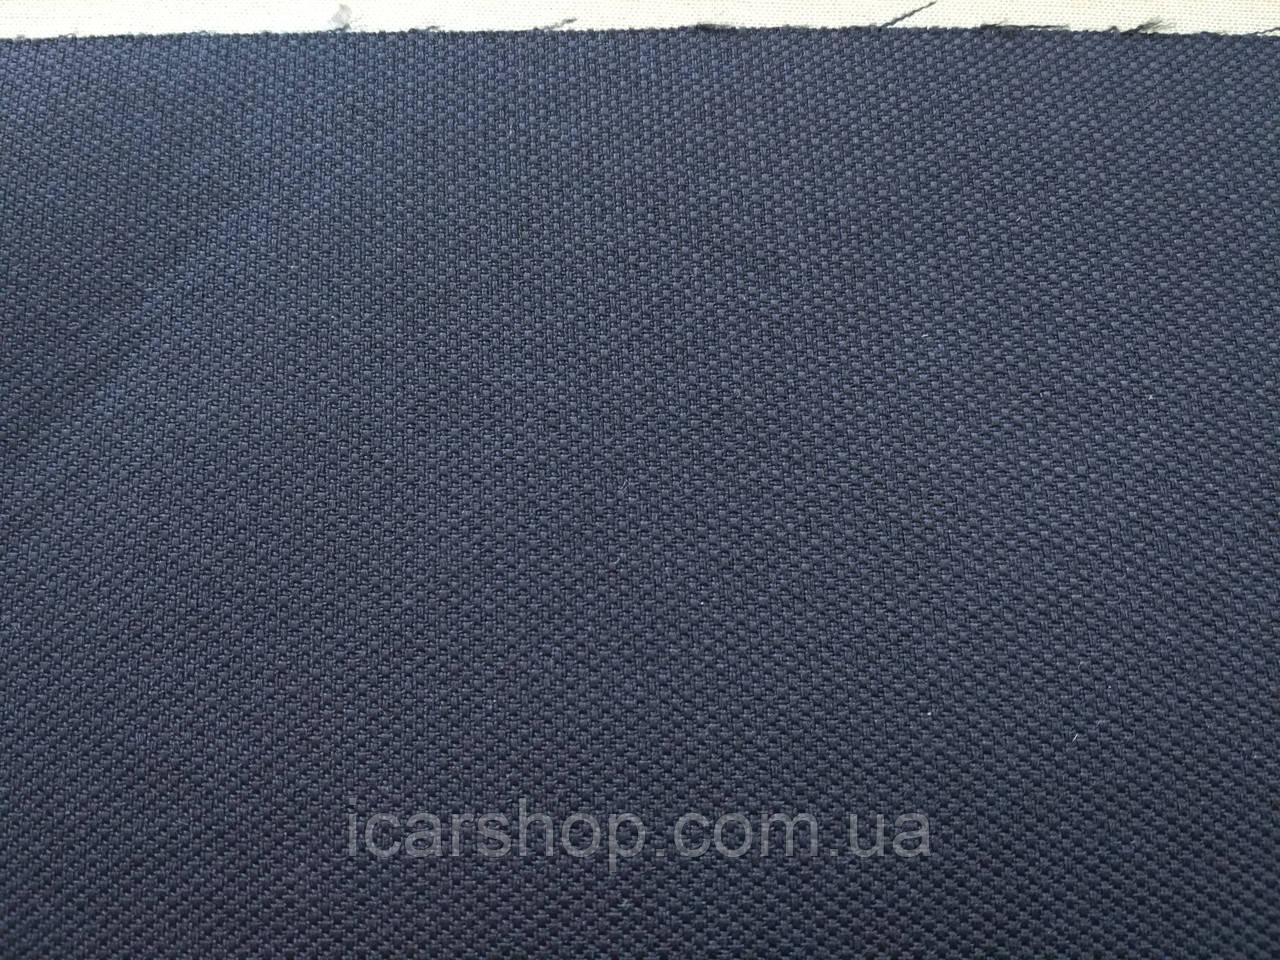 Ткань на боковую часть сидения TSB522